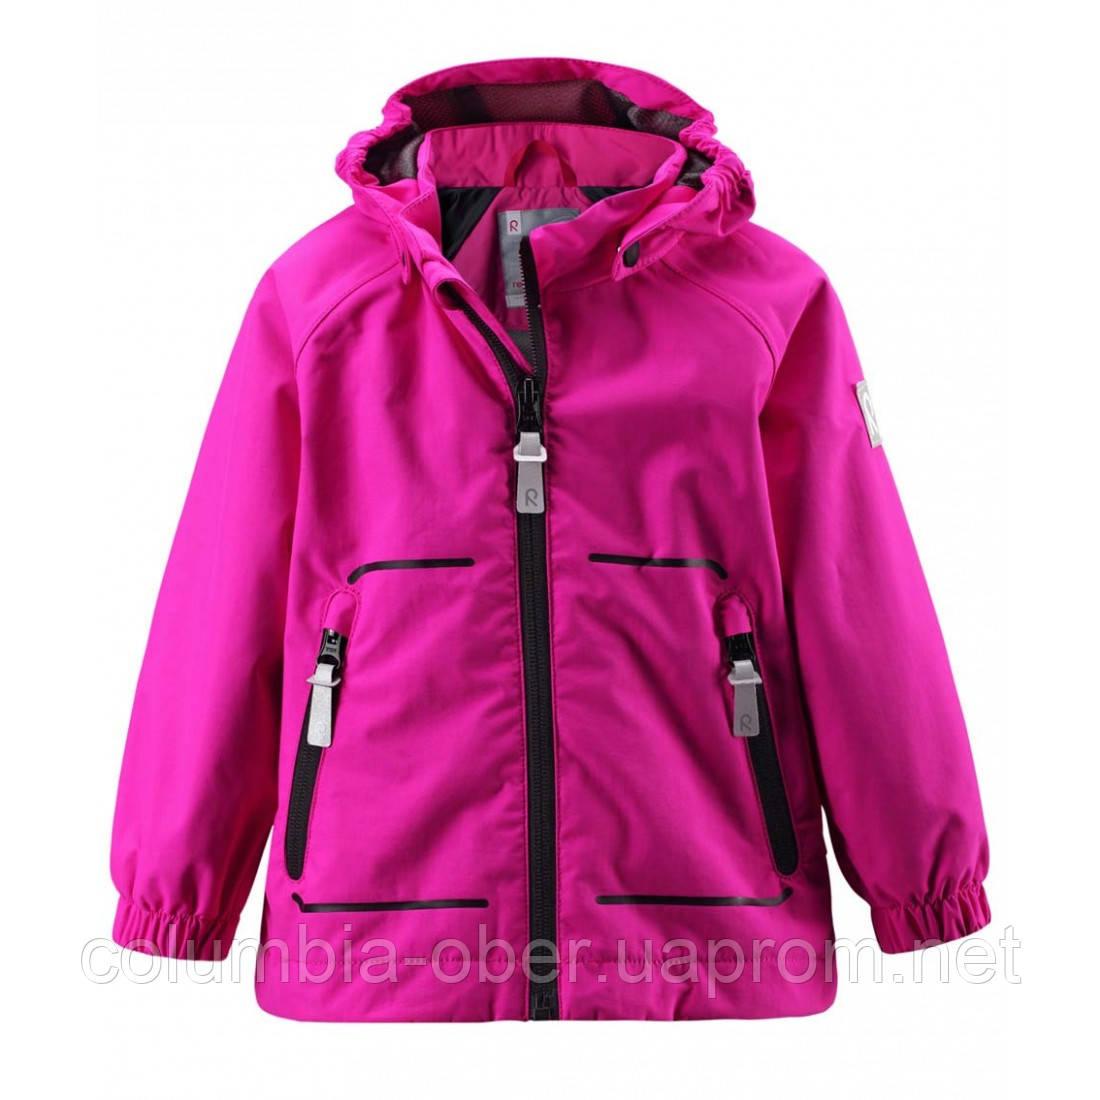 Ветровка для девочки  Reimatec 511162-4630. Размер 86 - 98.